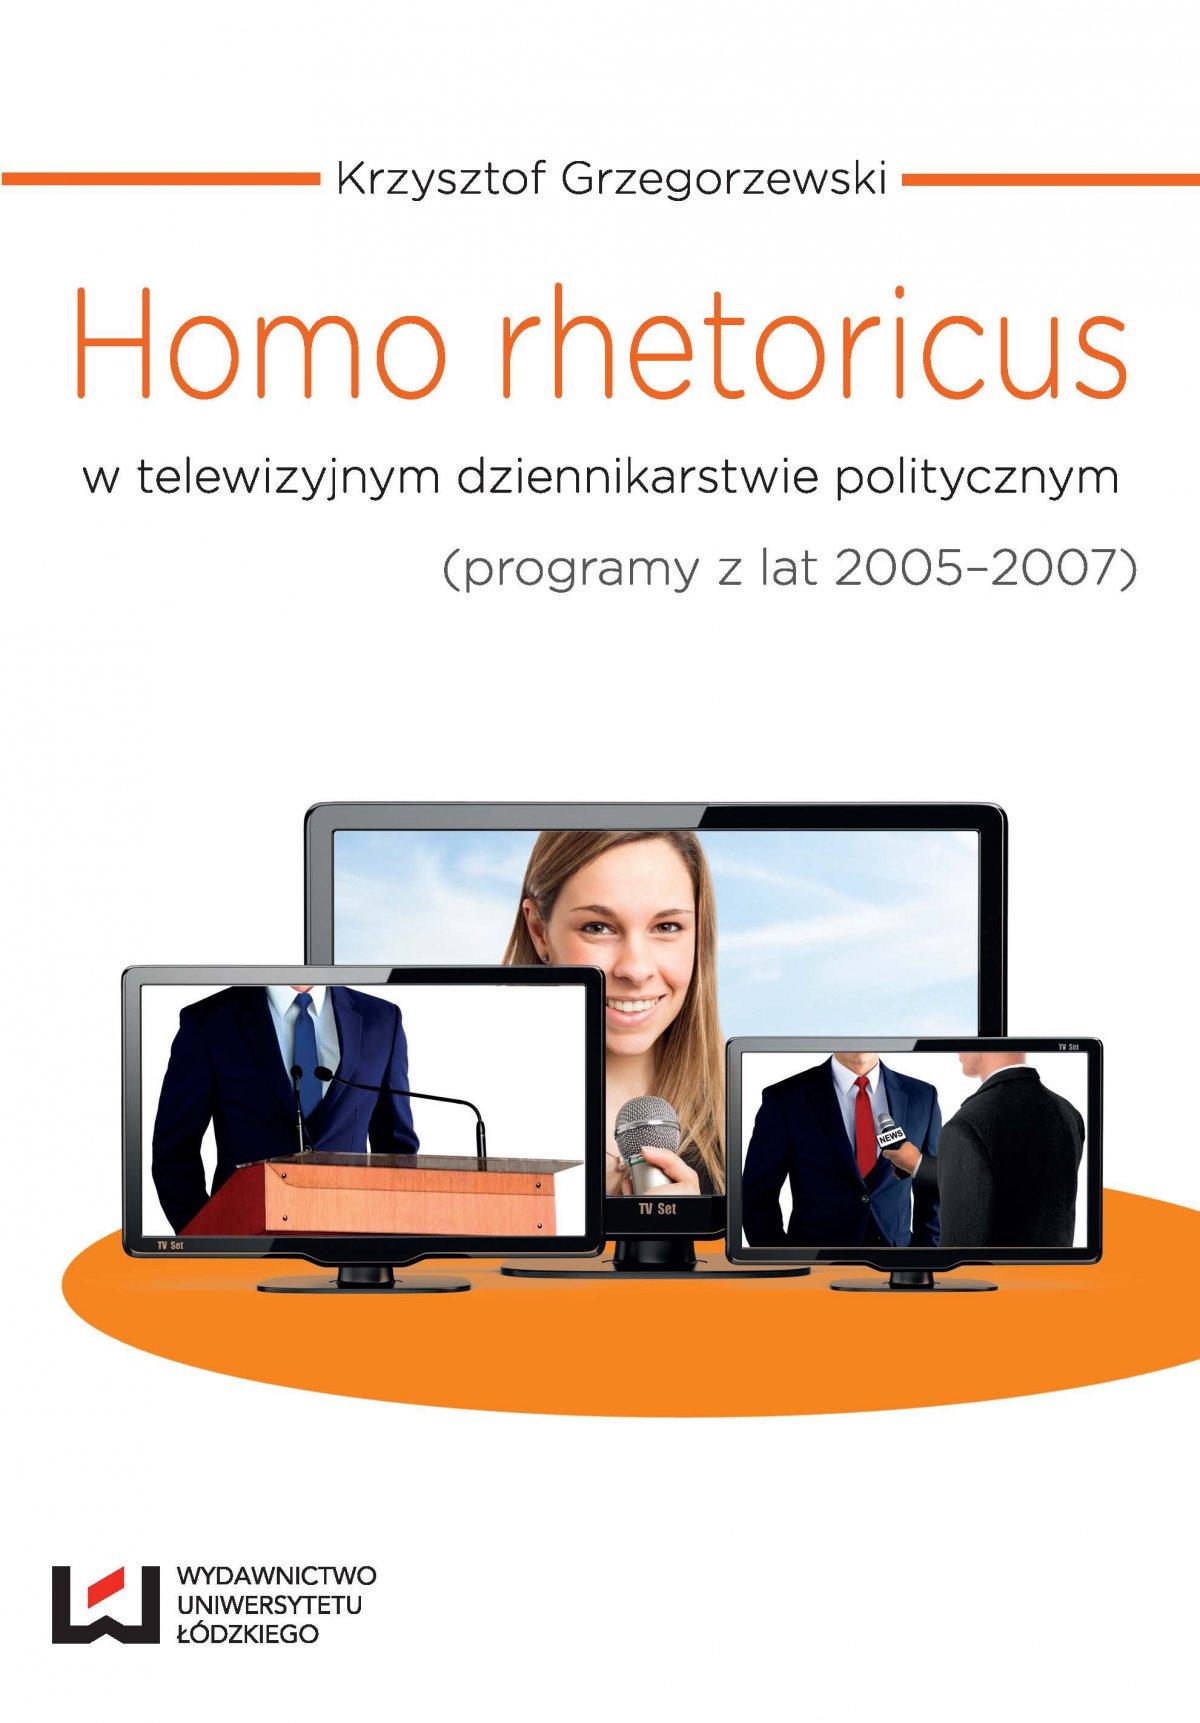 Homo rhetoricus w telewizyjnym dziennikarstwie politycznym (programy z lat 2005-2007) - Ebook (Książka na Kindle) do pobrania w formacie MOBI